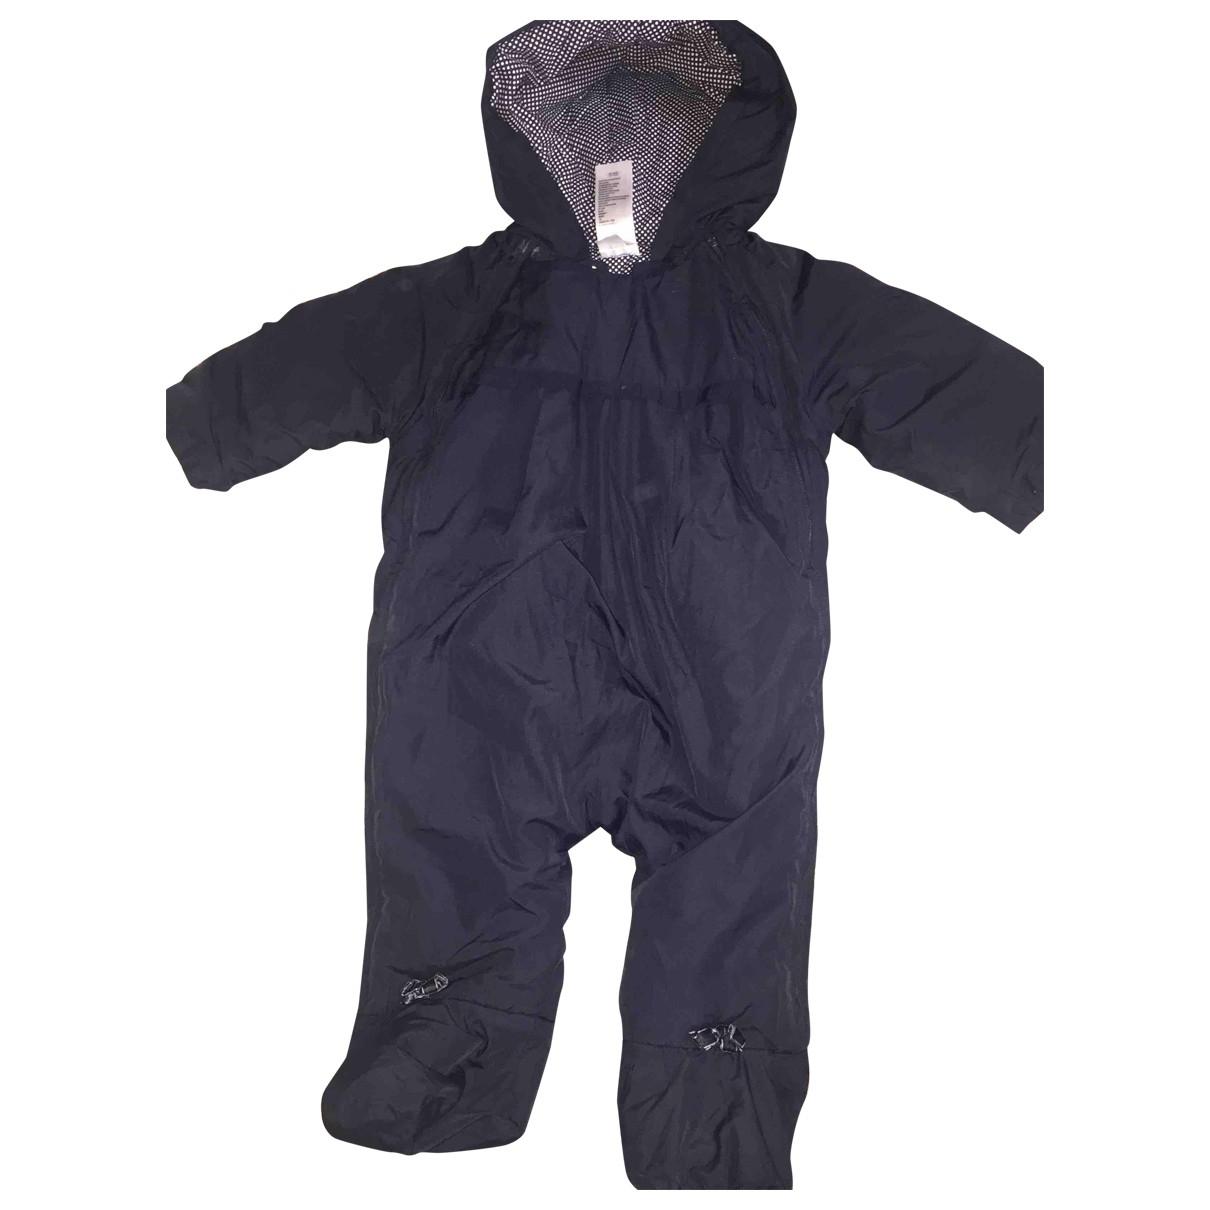 Jacadi - Blousons.Manteaux   pour enfant - marine